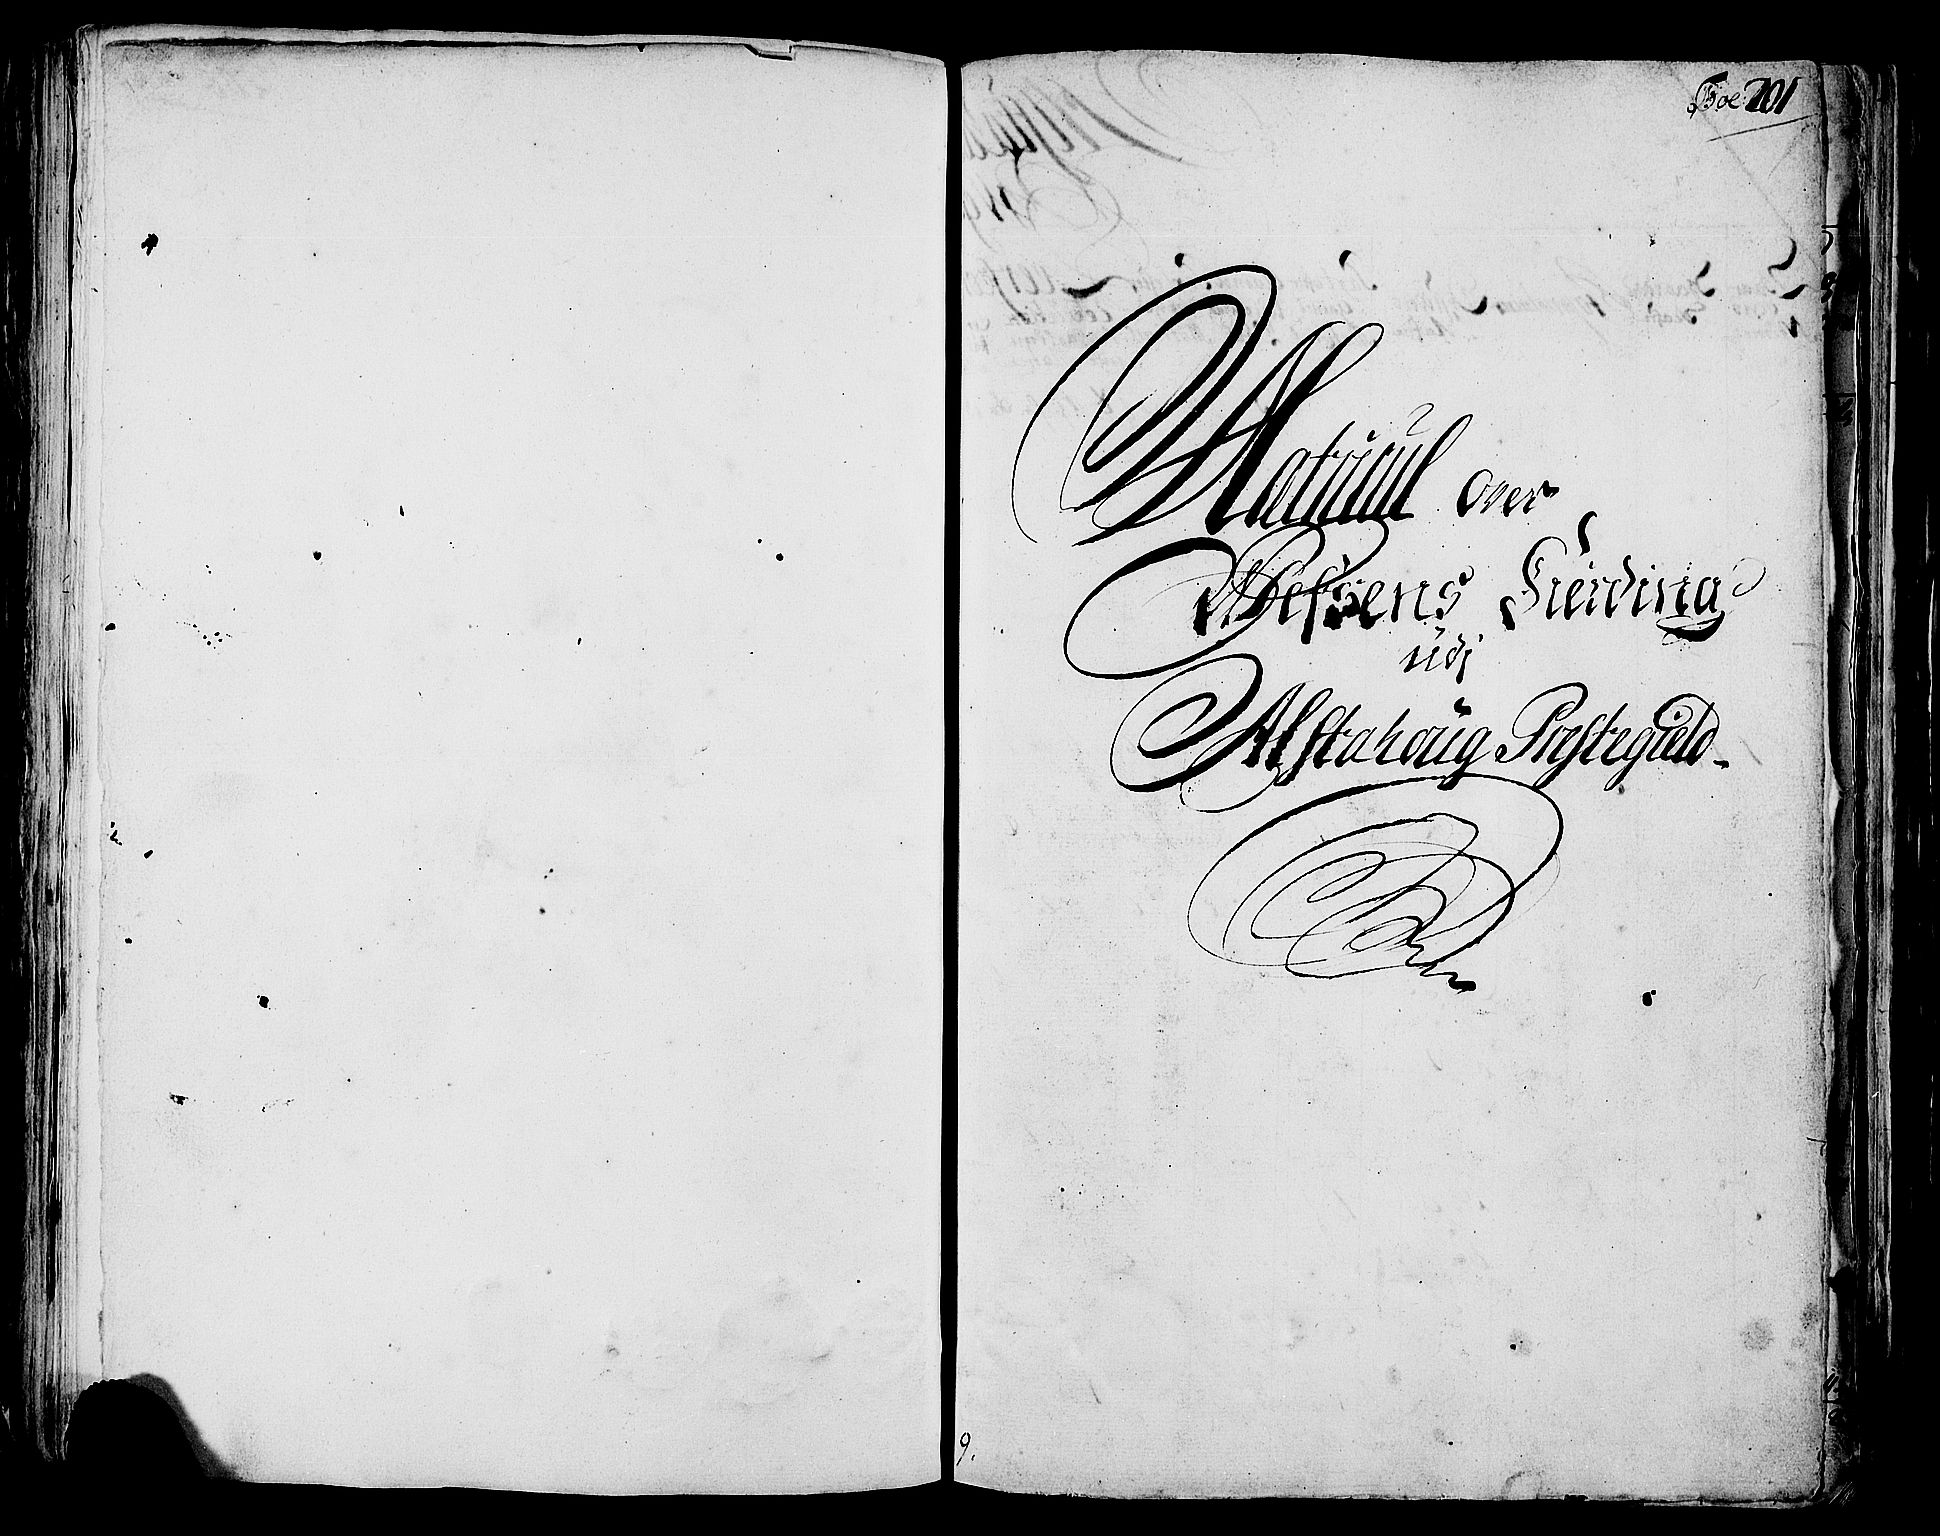 RA, Rentekammeret inntil 1814, Realistisk ordnet avdeling, N/Nb/Nbf/L0171: Helgeland matrikkelprotokoll, 1723, s. 200b-201a